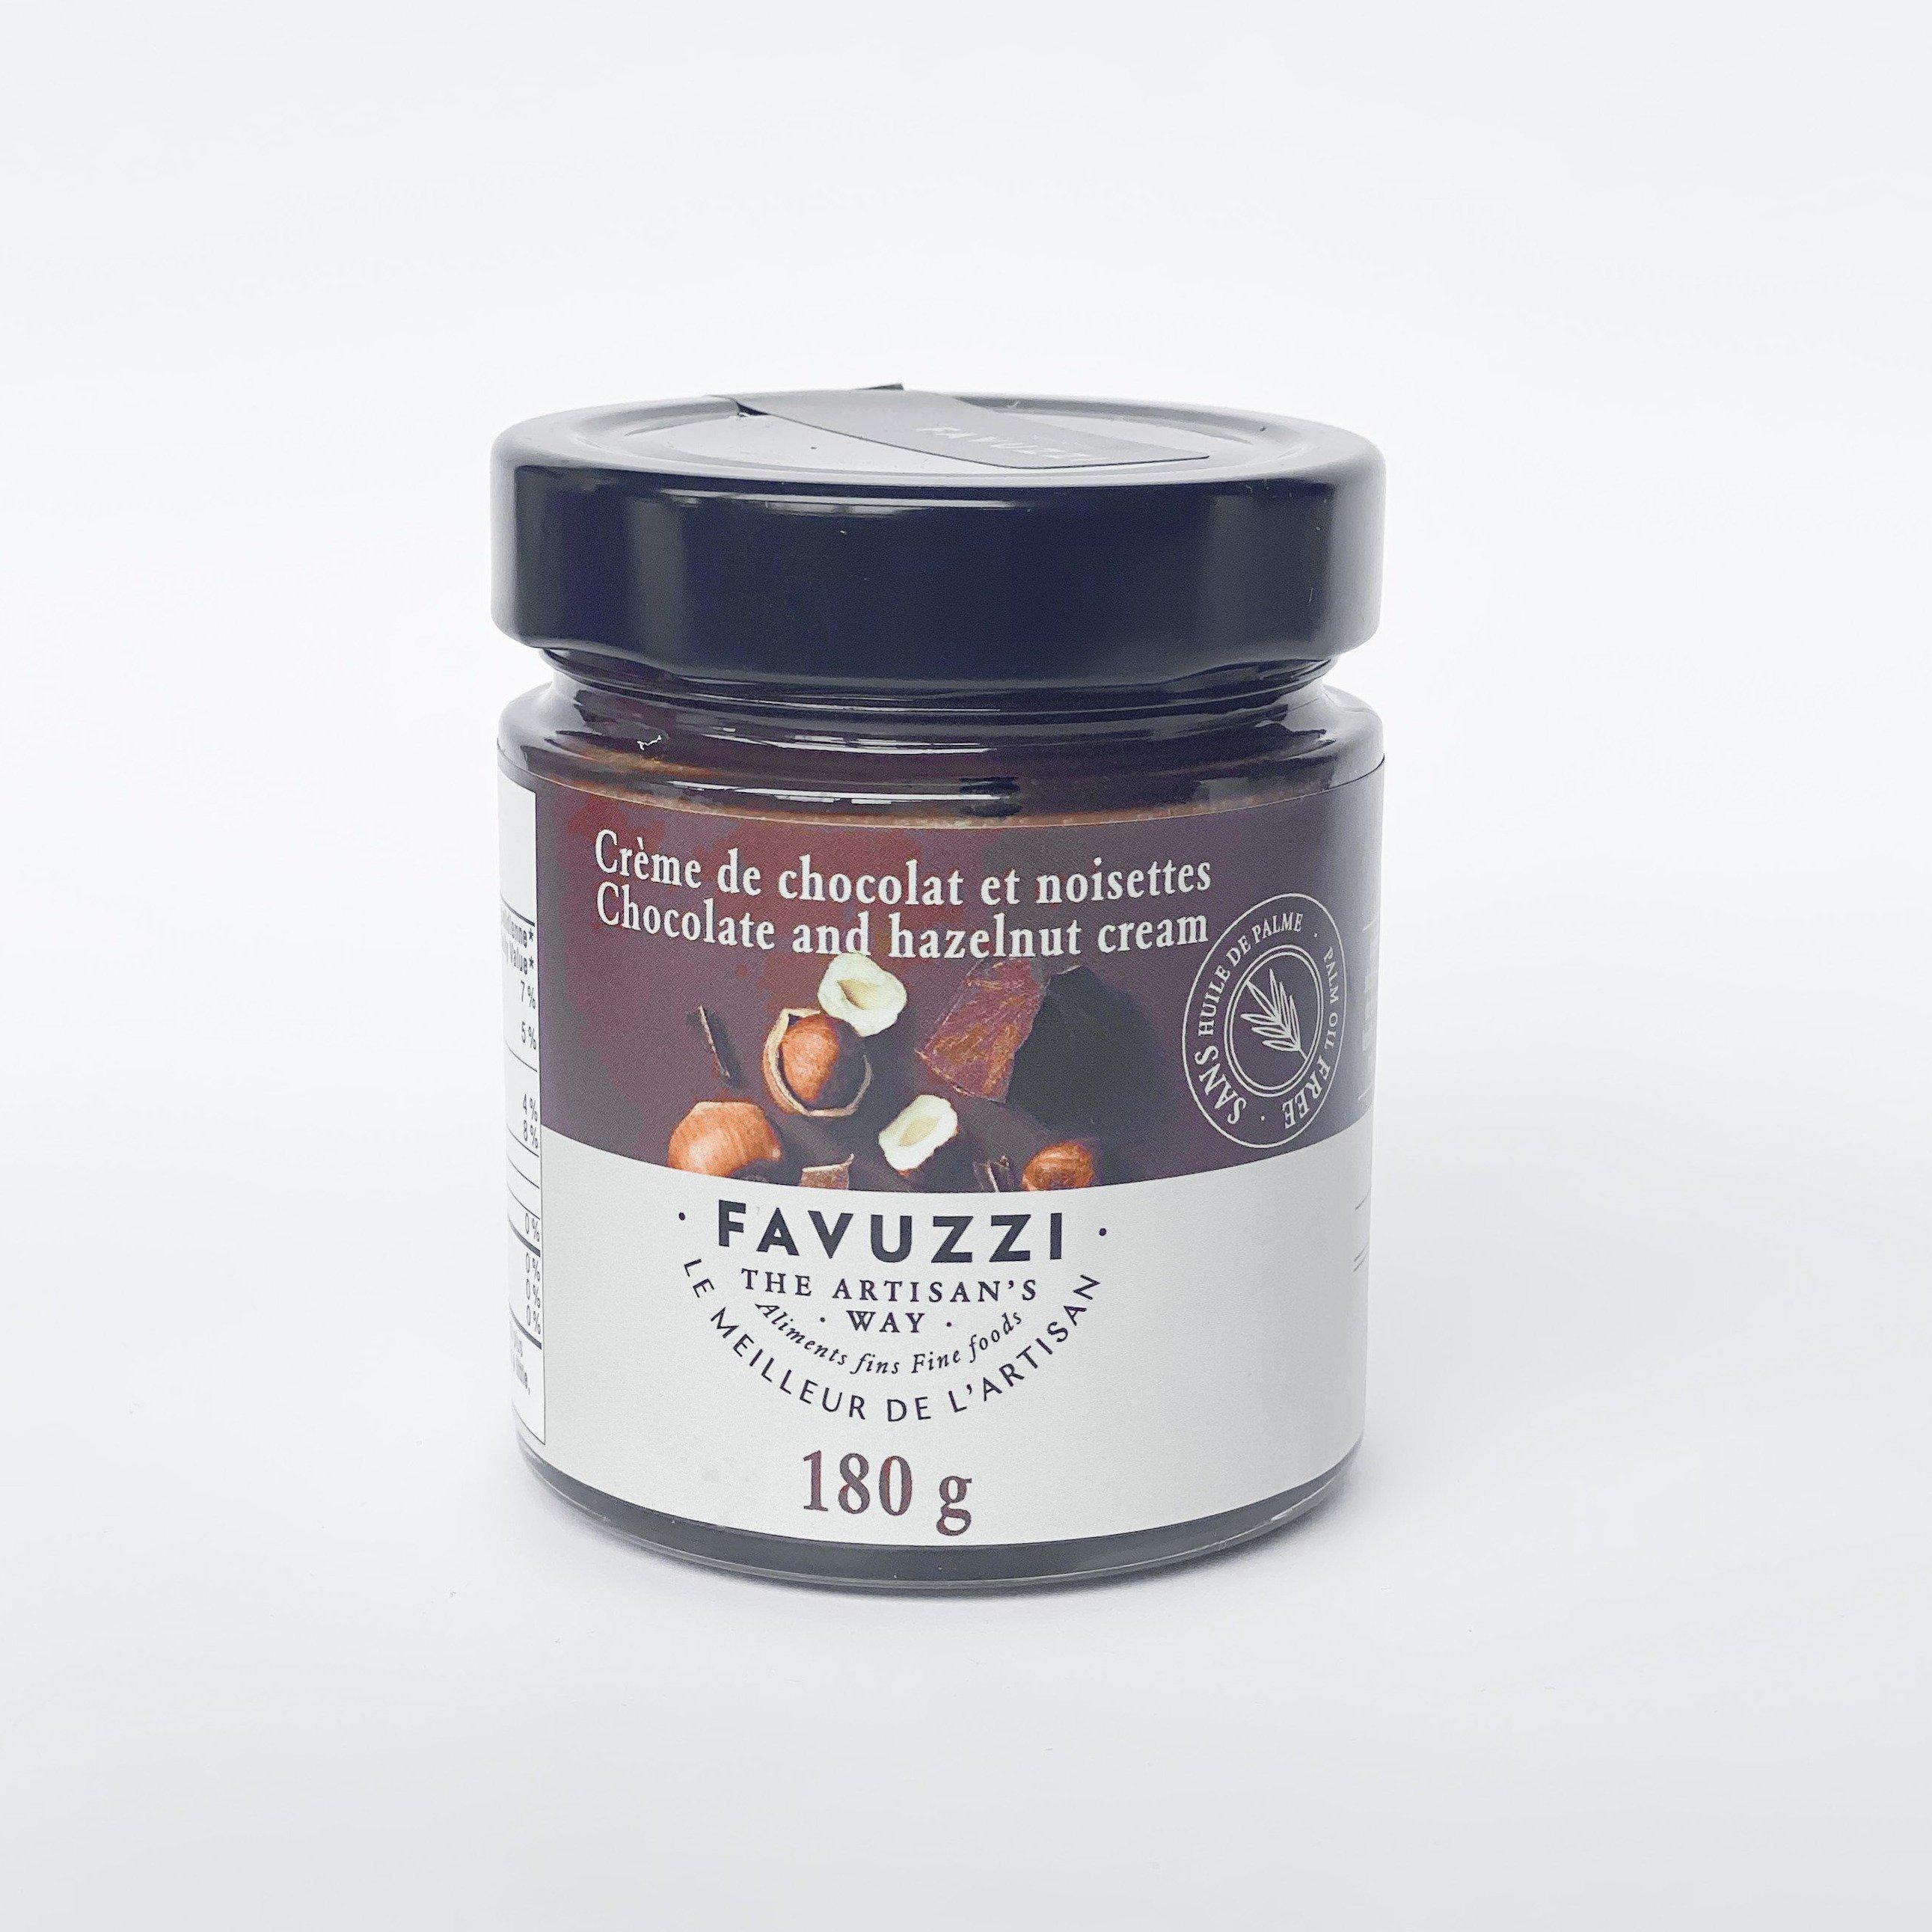 Crème de chocolat & noisettes - Favuzzi